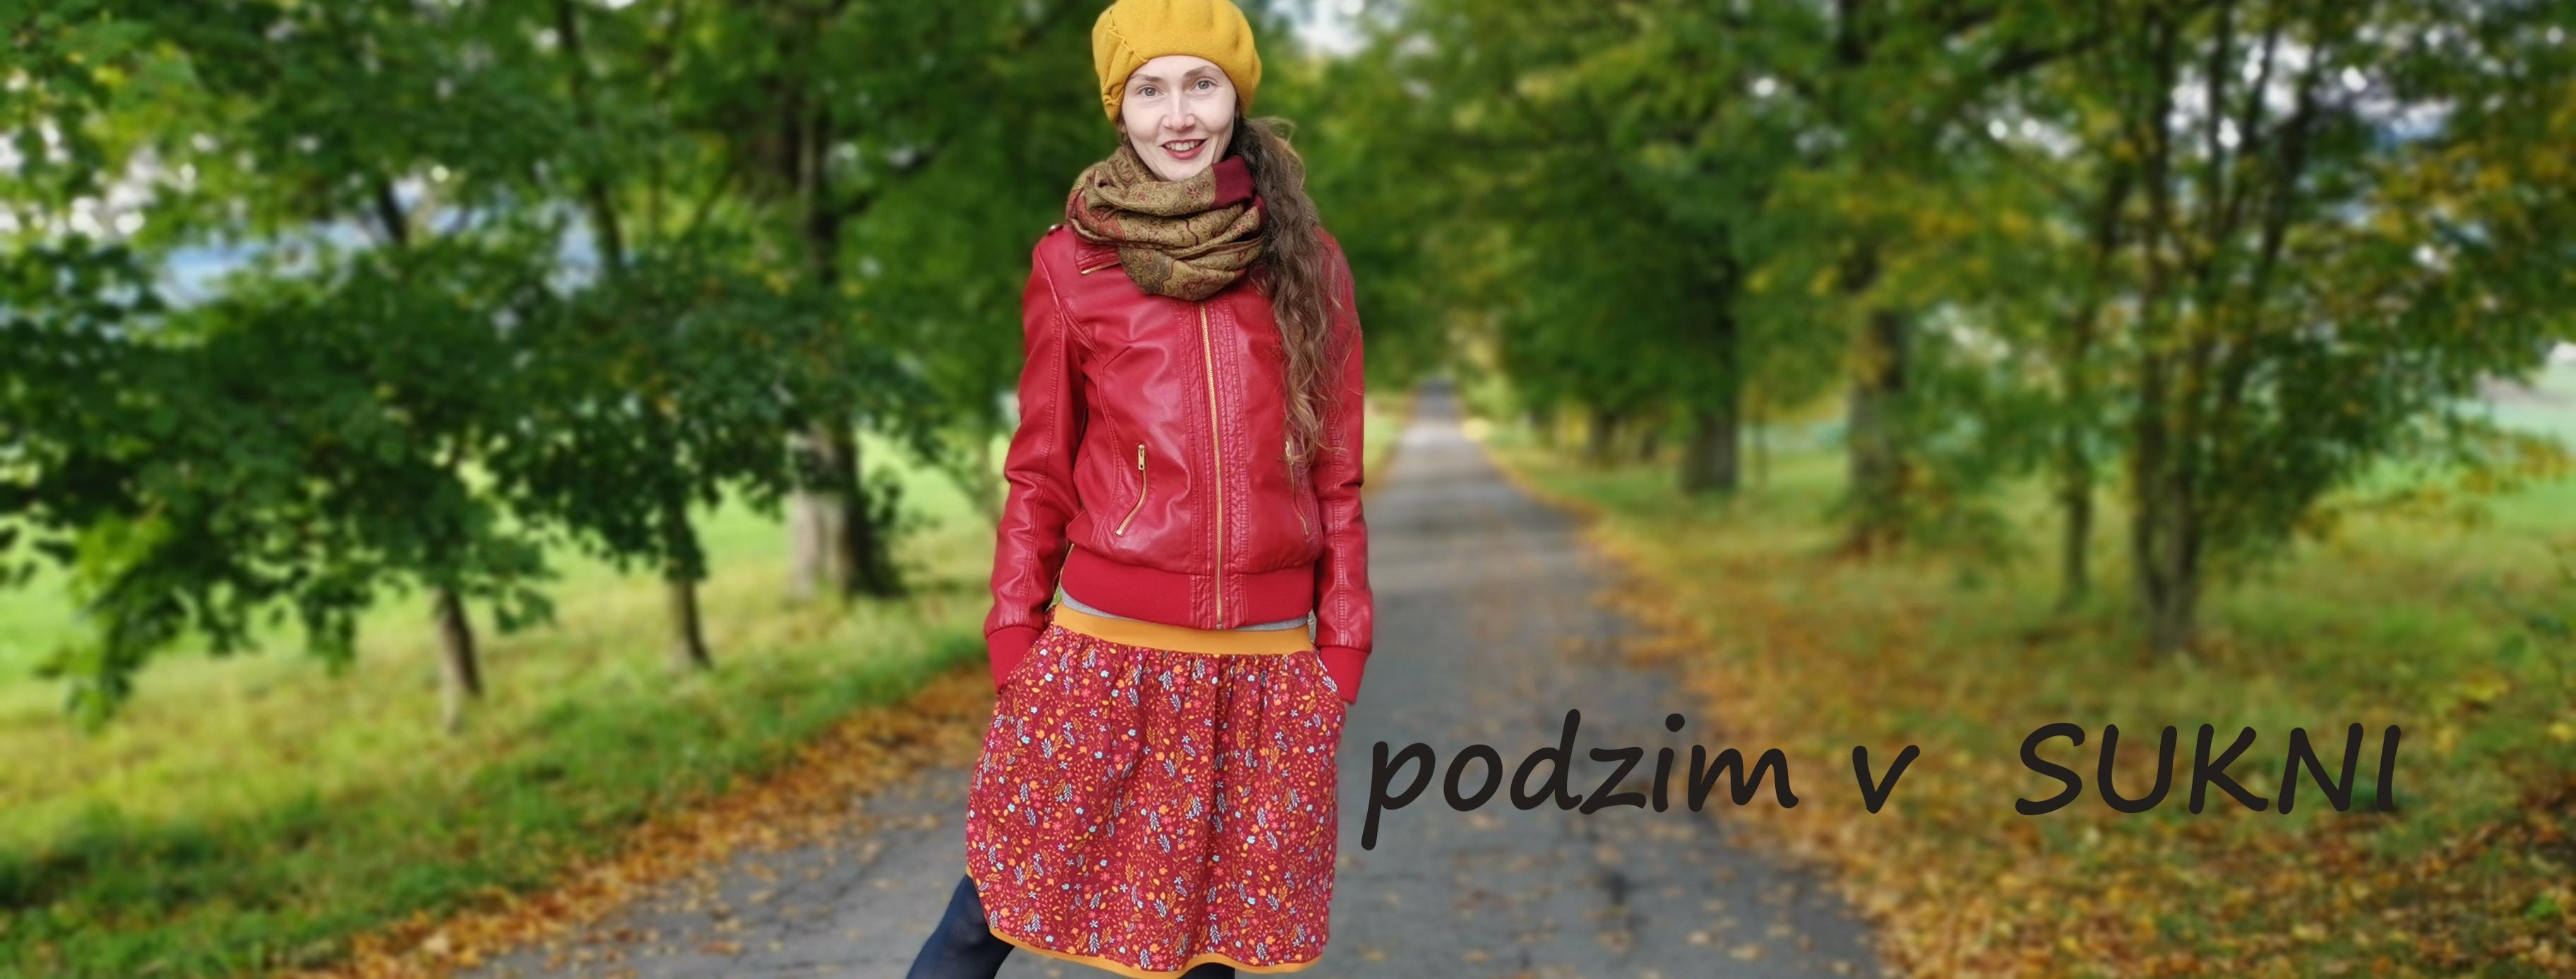 Podzim v nové sukni